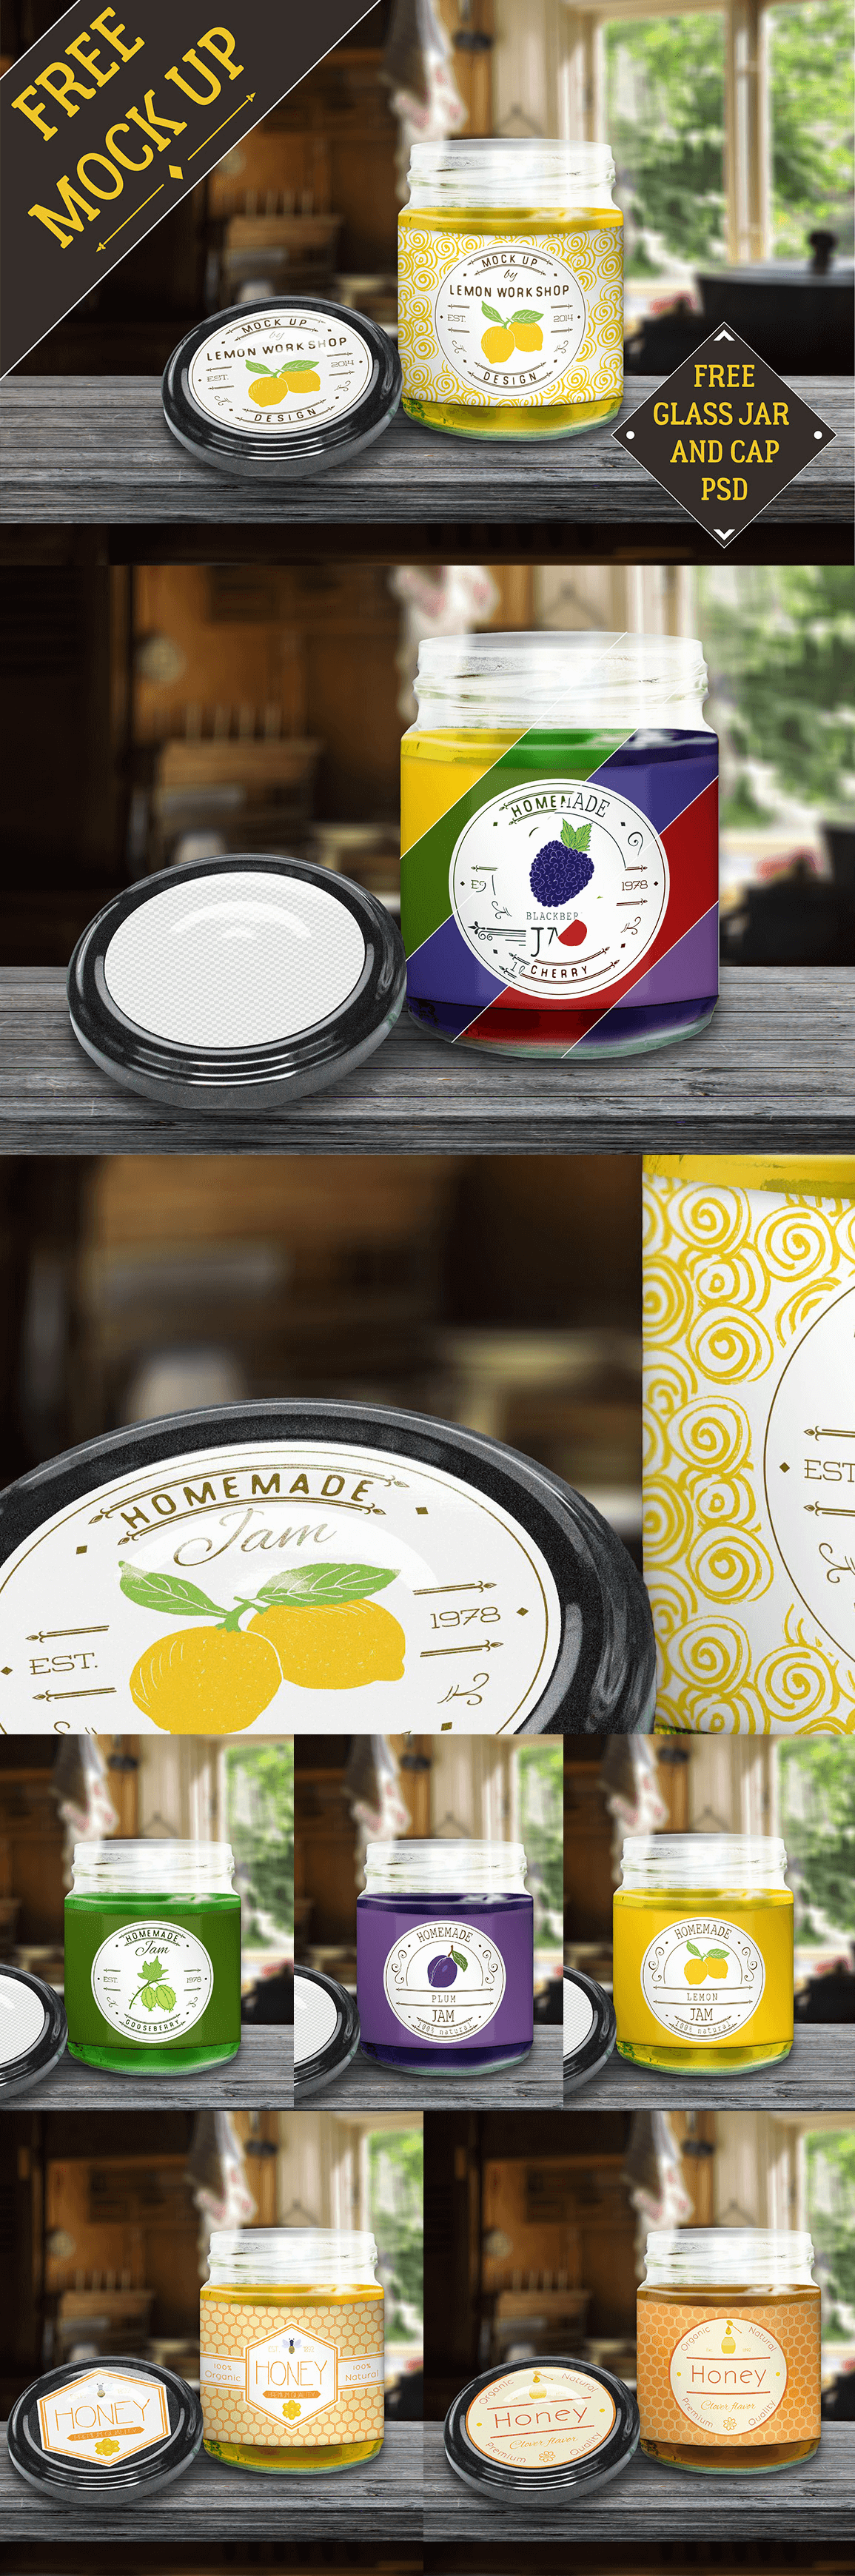 Мокап открытой стеклянной банки джема. jam jar with lid mockup